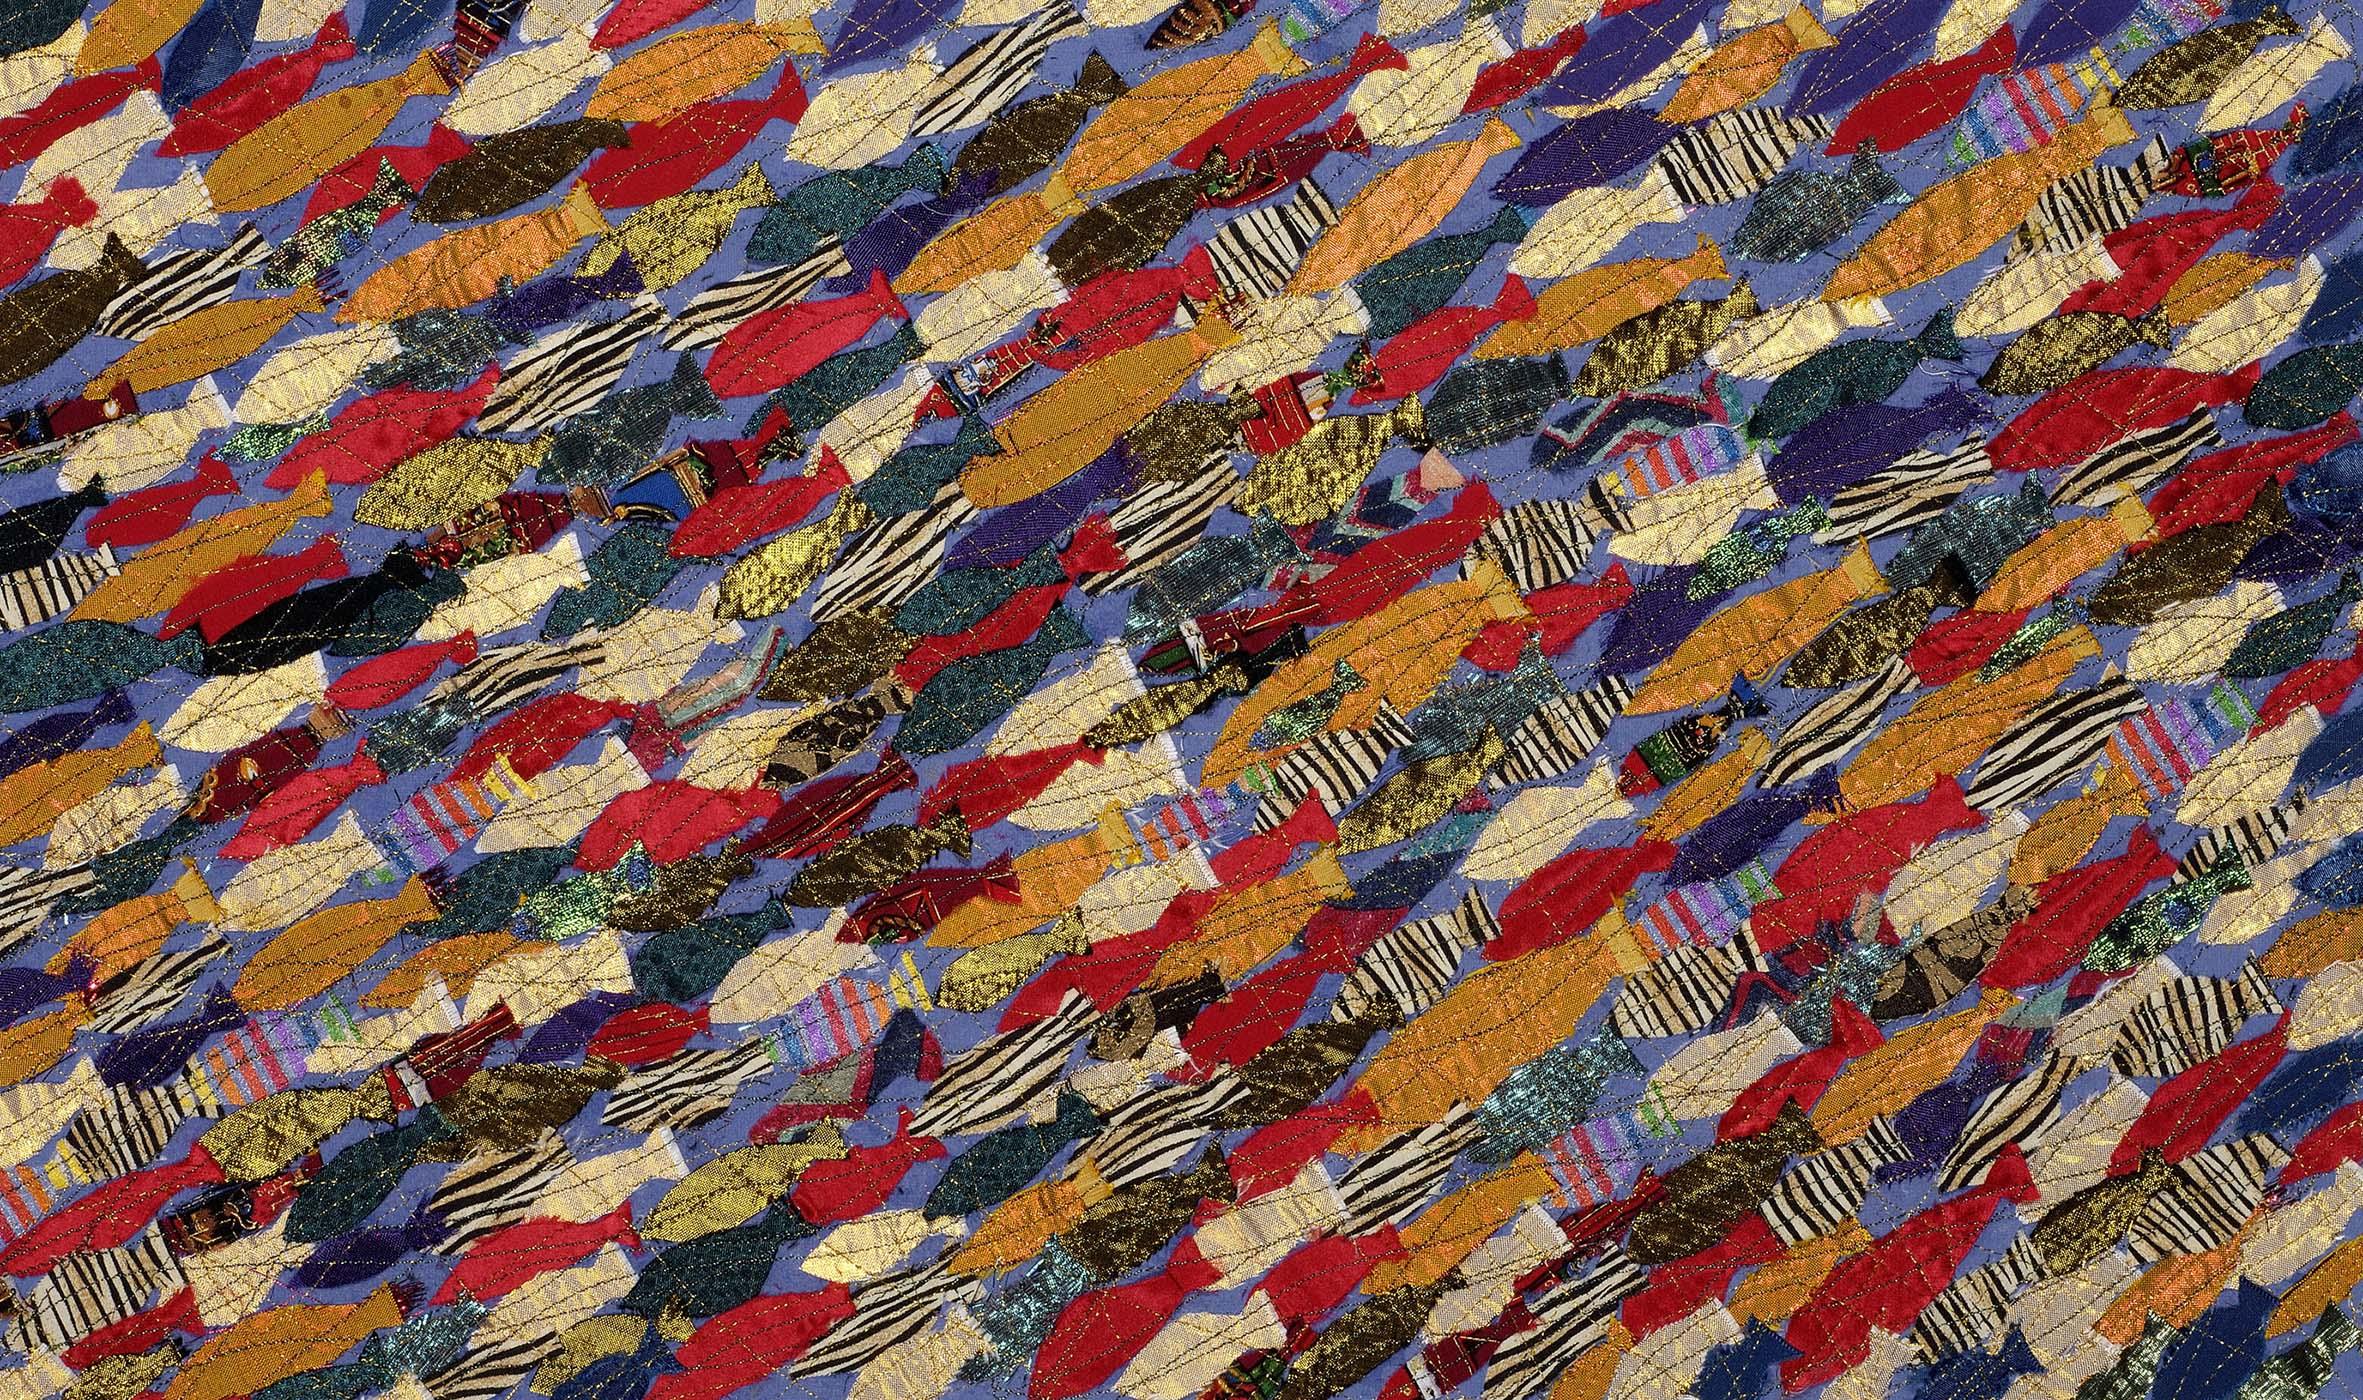 Tropical Fish Panel , Textile, 102 x 76 cm